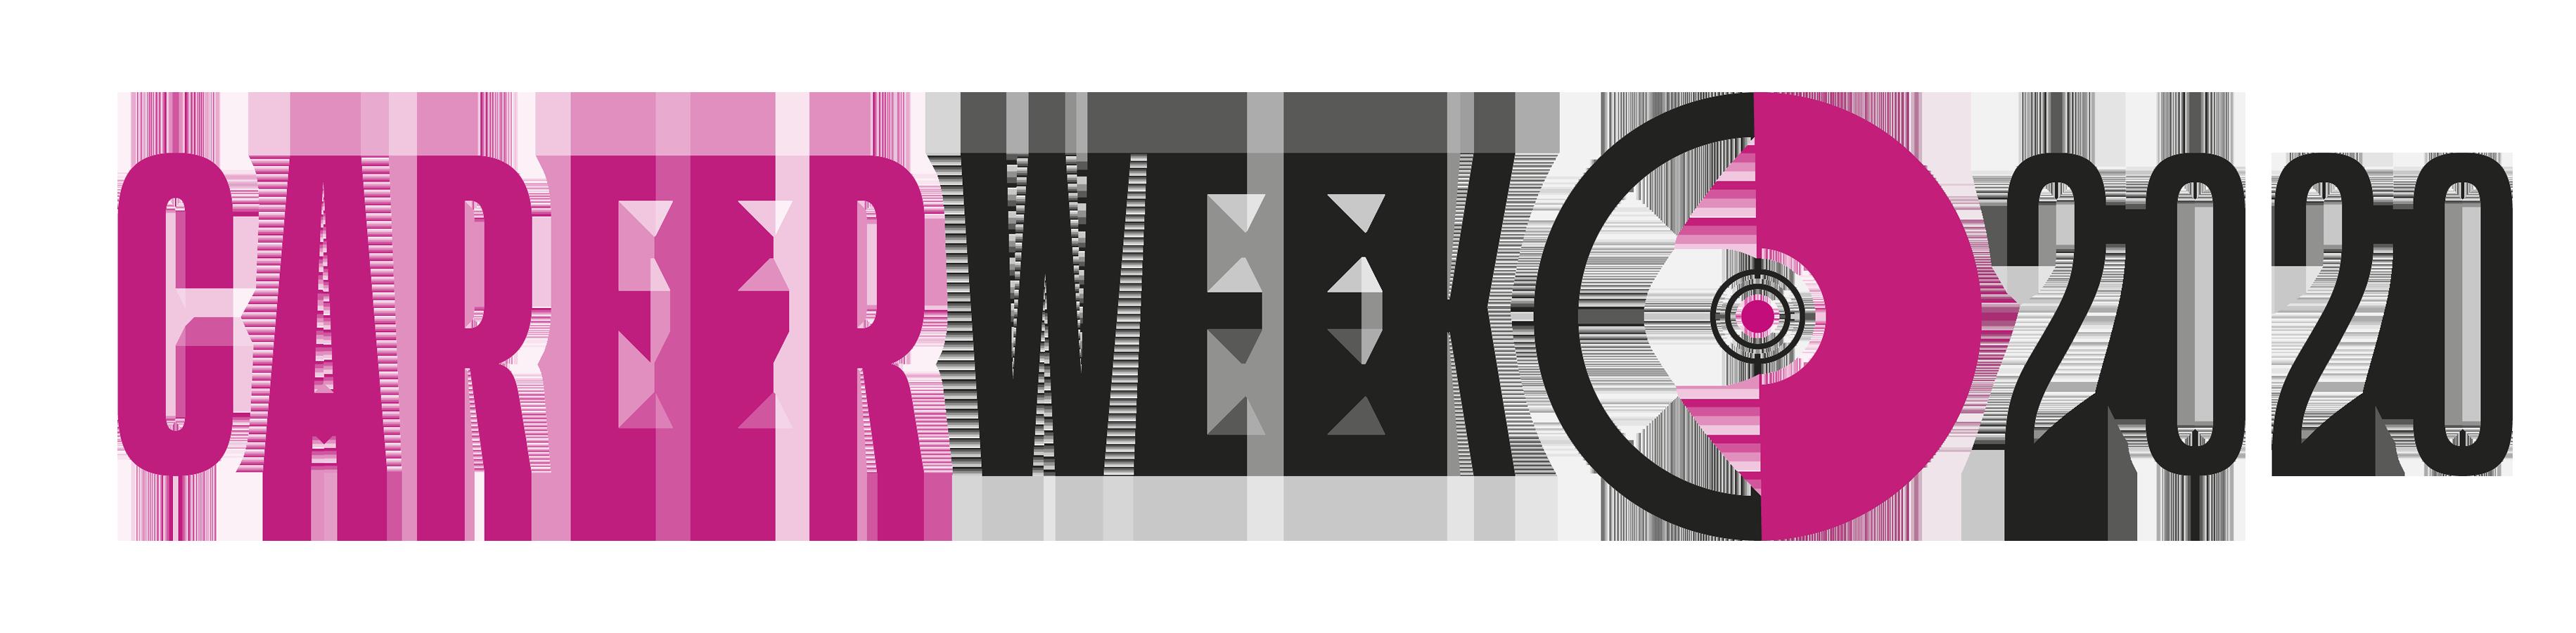 career week unisi